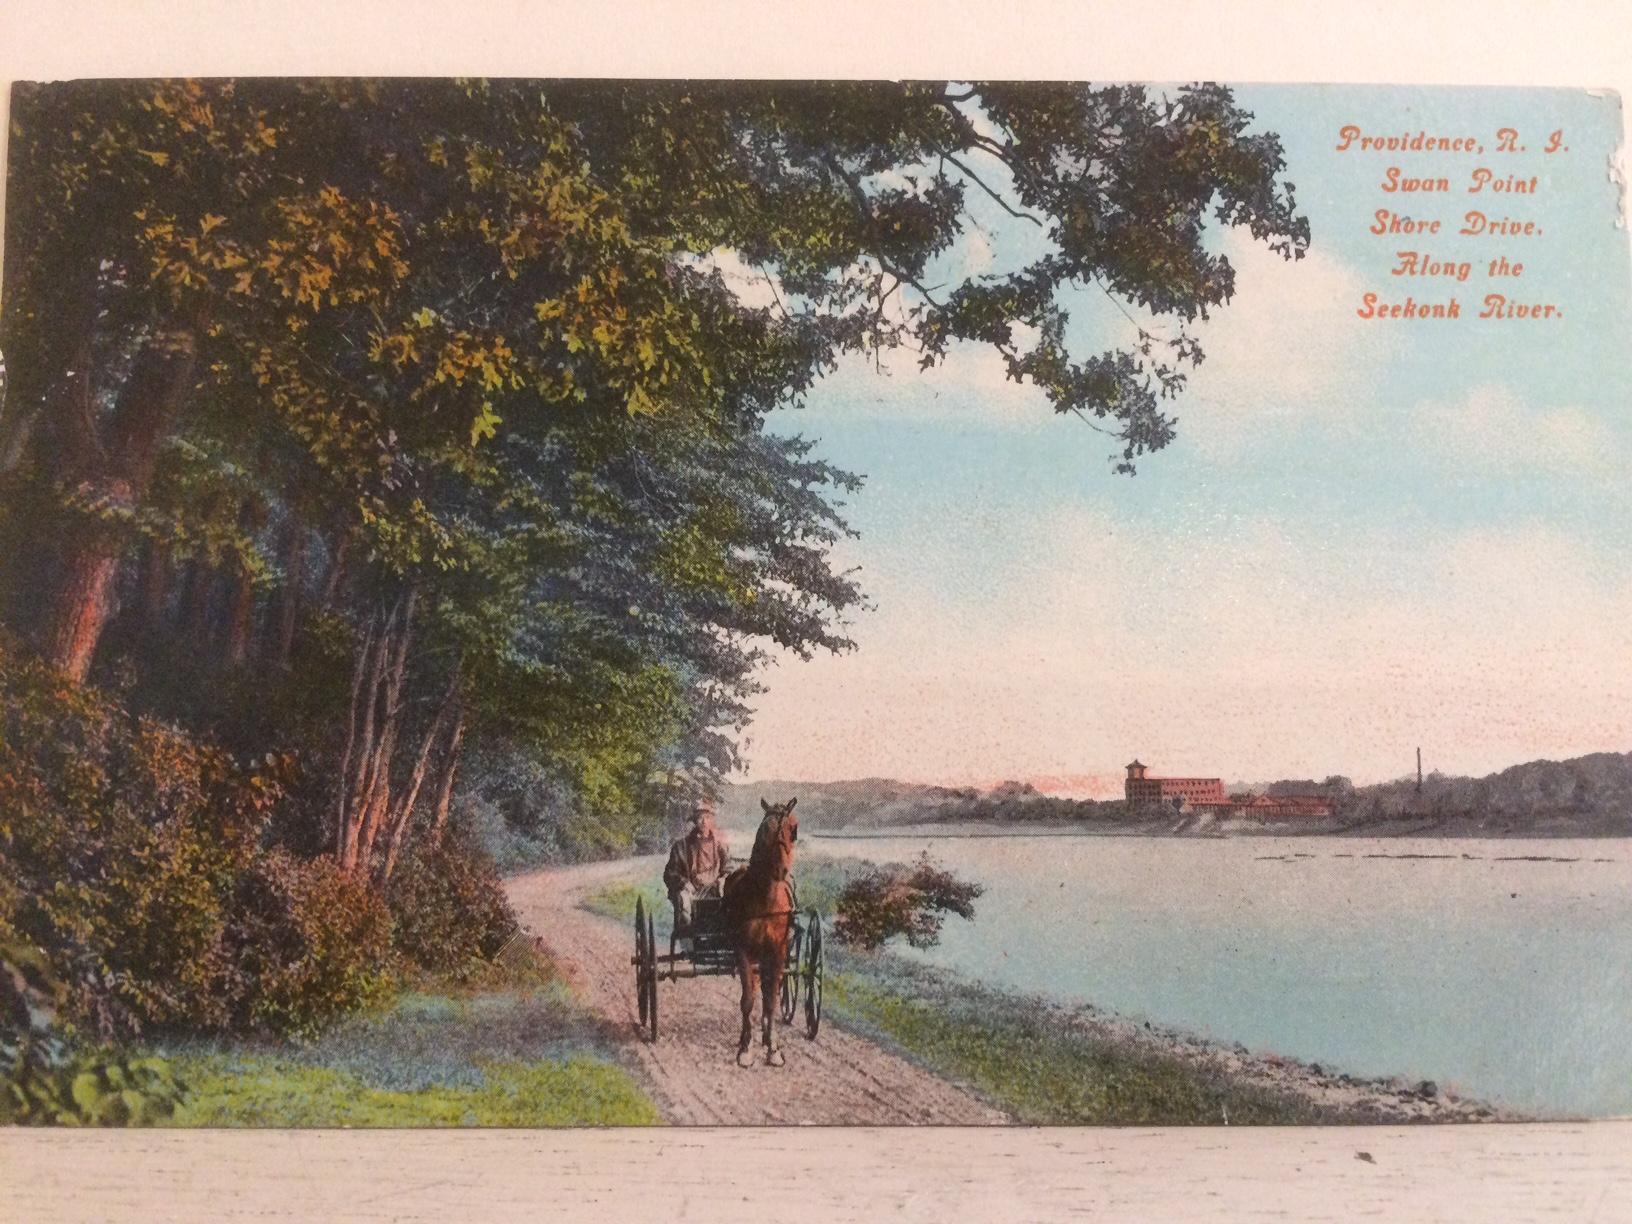 1912 View of Seekonk River.JPG